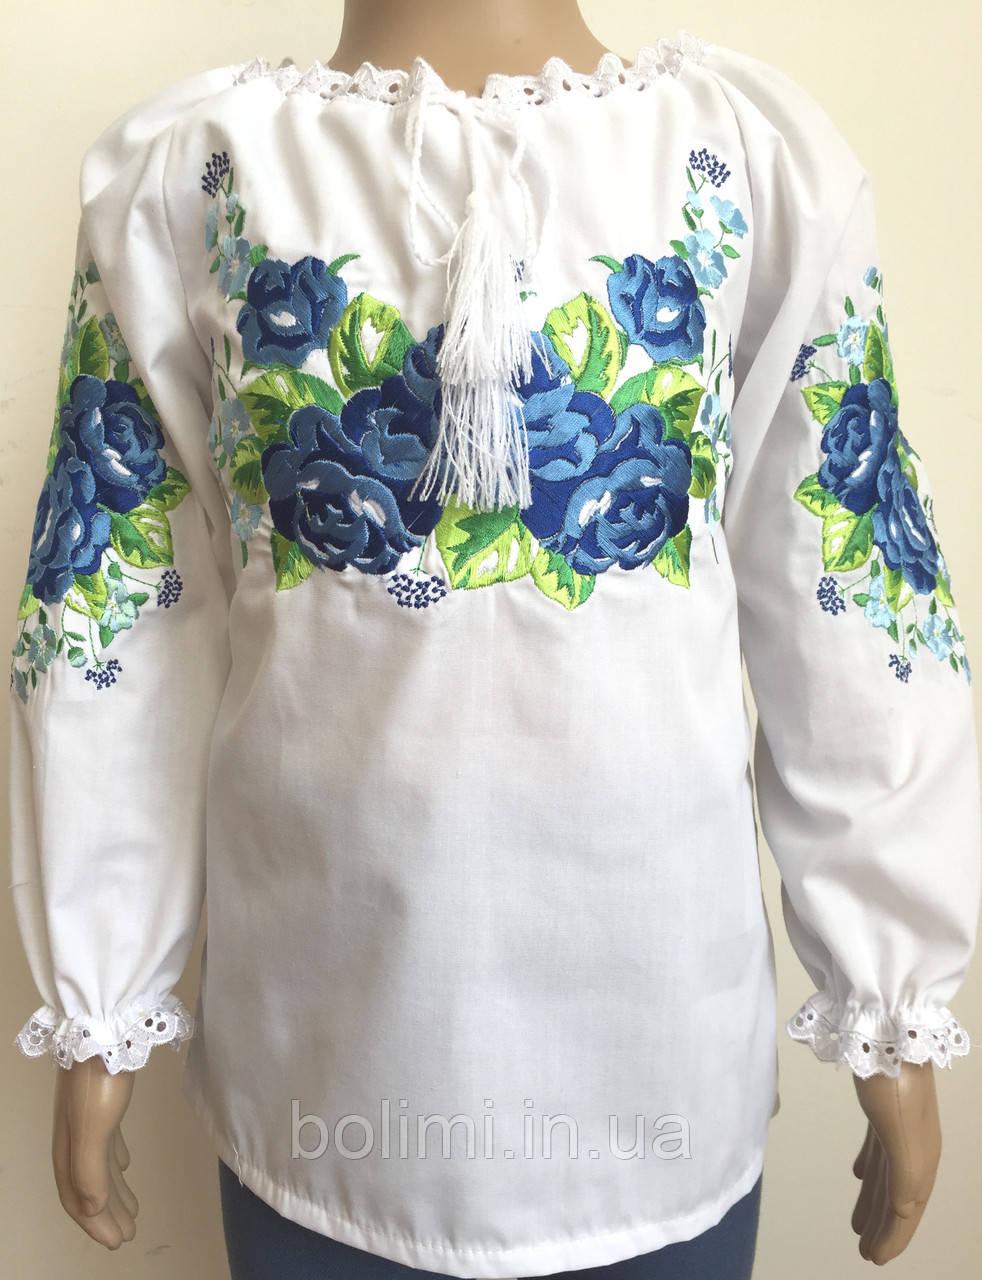 Сорочка для дівчинки вишита гладдю сині троянди з довгим рукавом ... 50cd1b4b8fbef